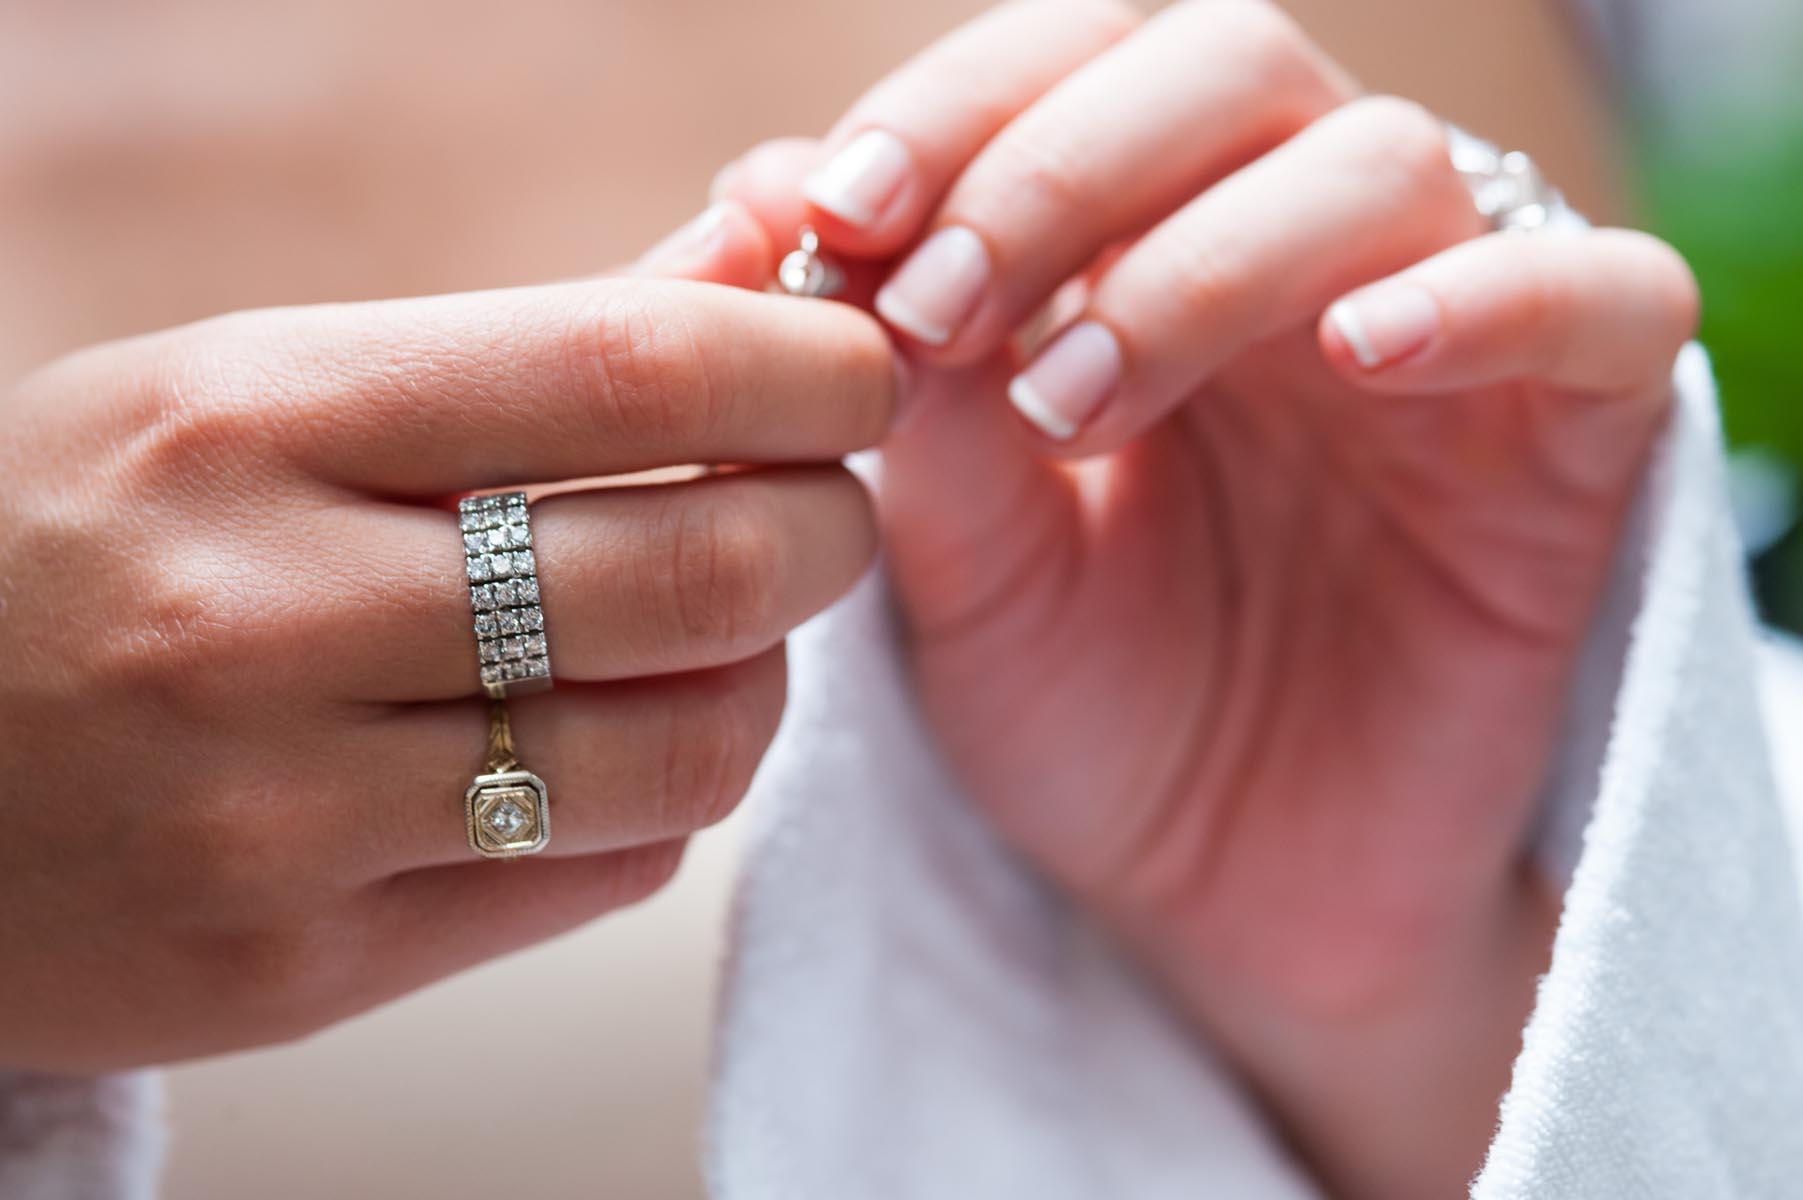 Valorisation des détails par Sofiacome, photographe de mariage